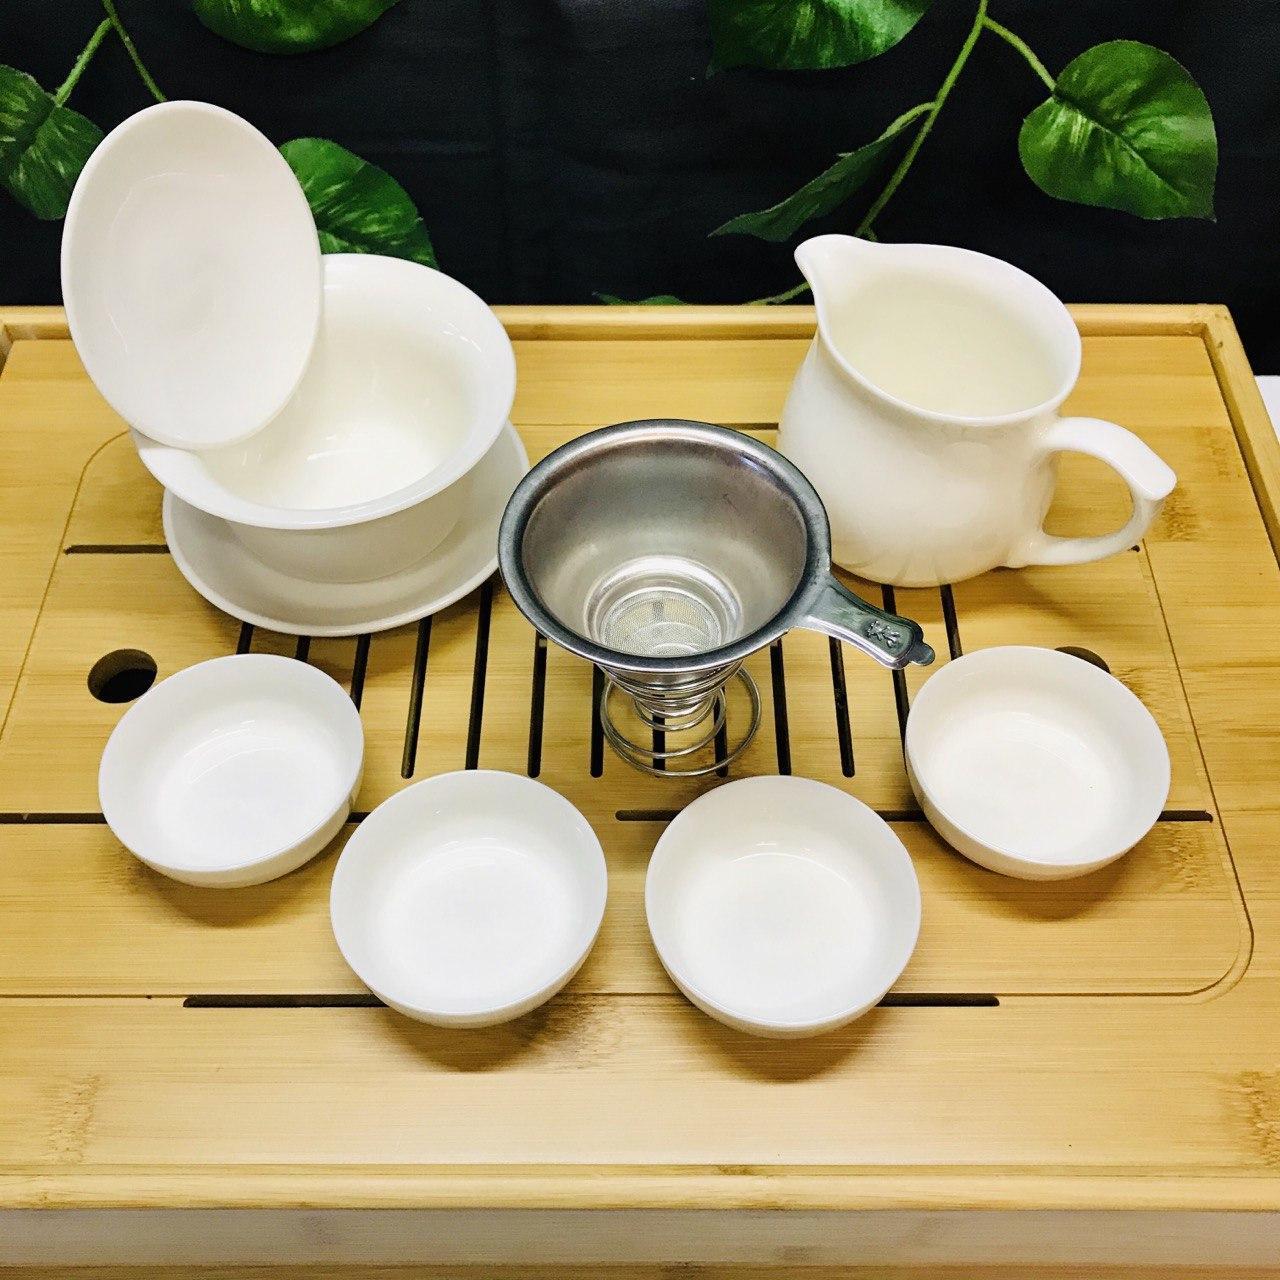 Фарфоровый набор посуды для чайной церемонии